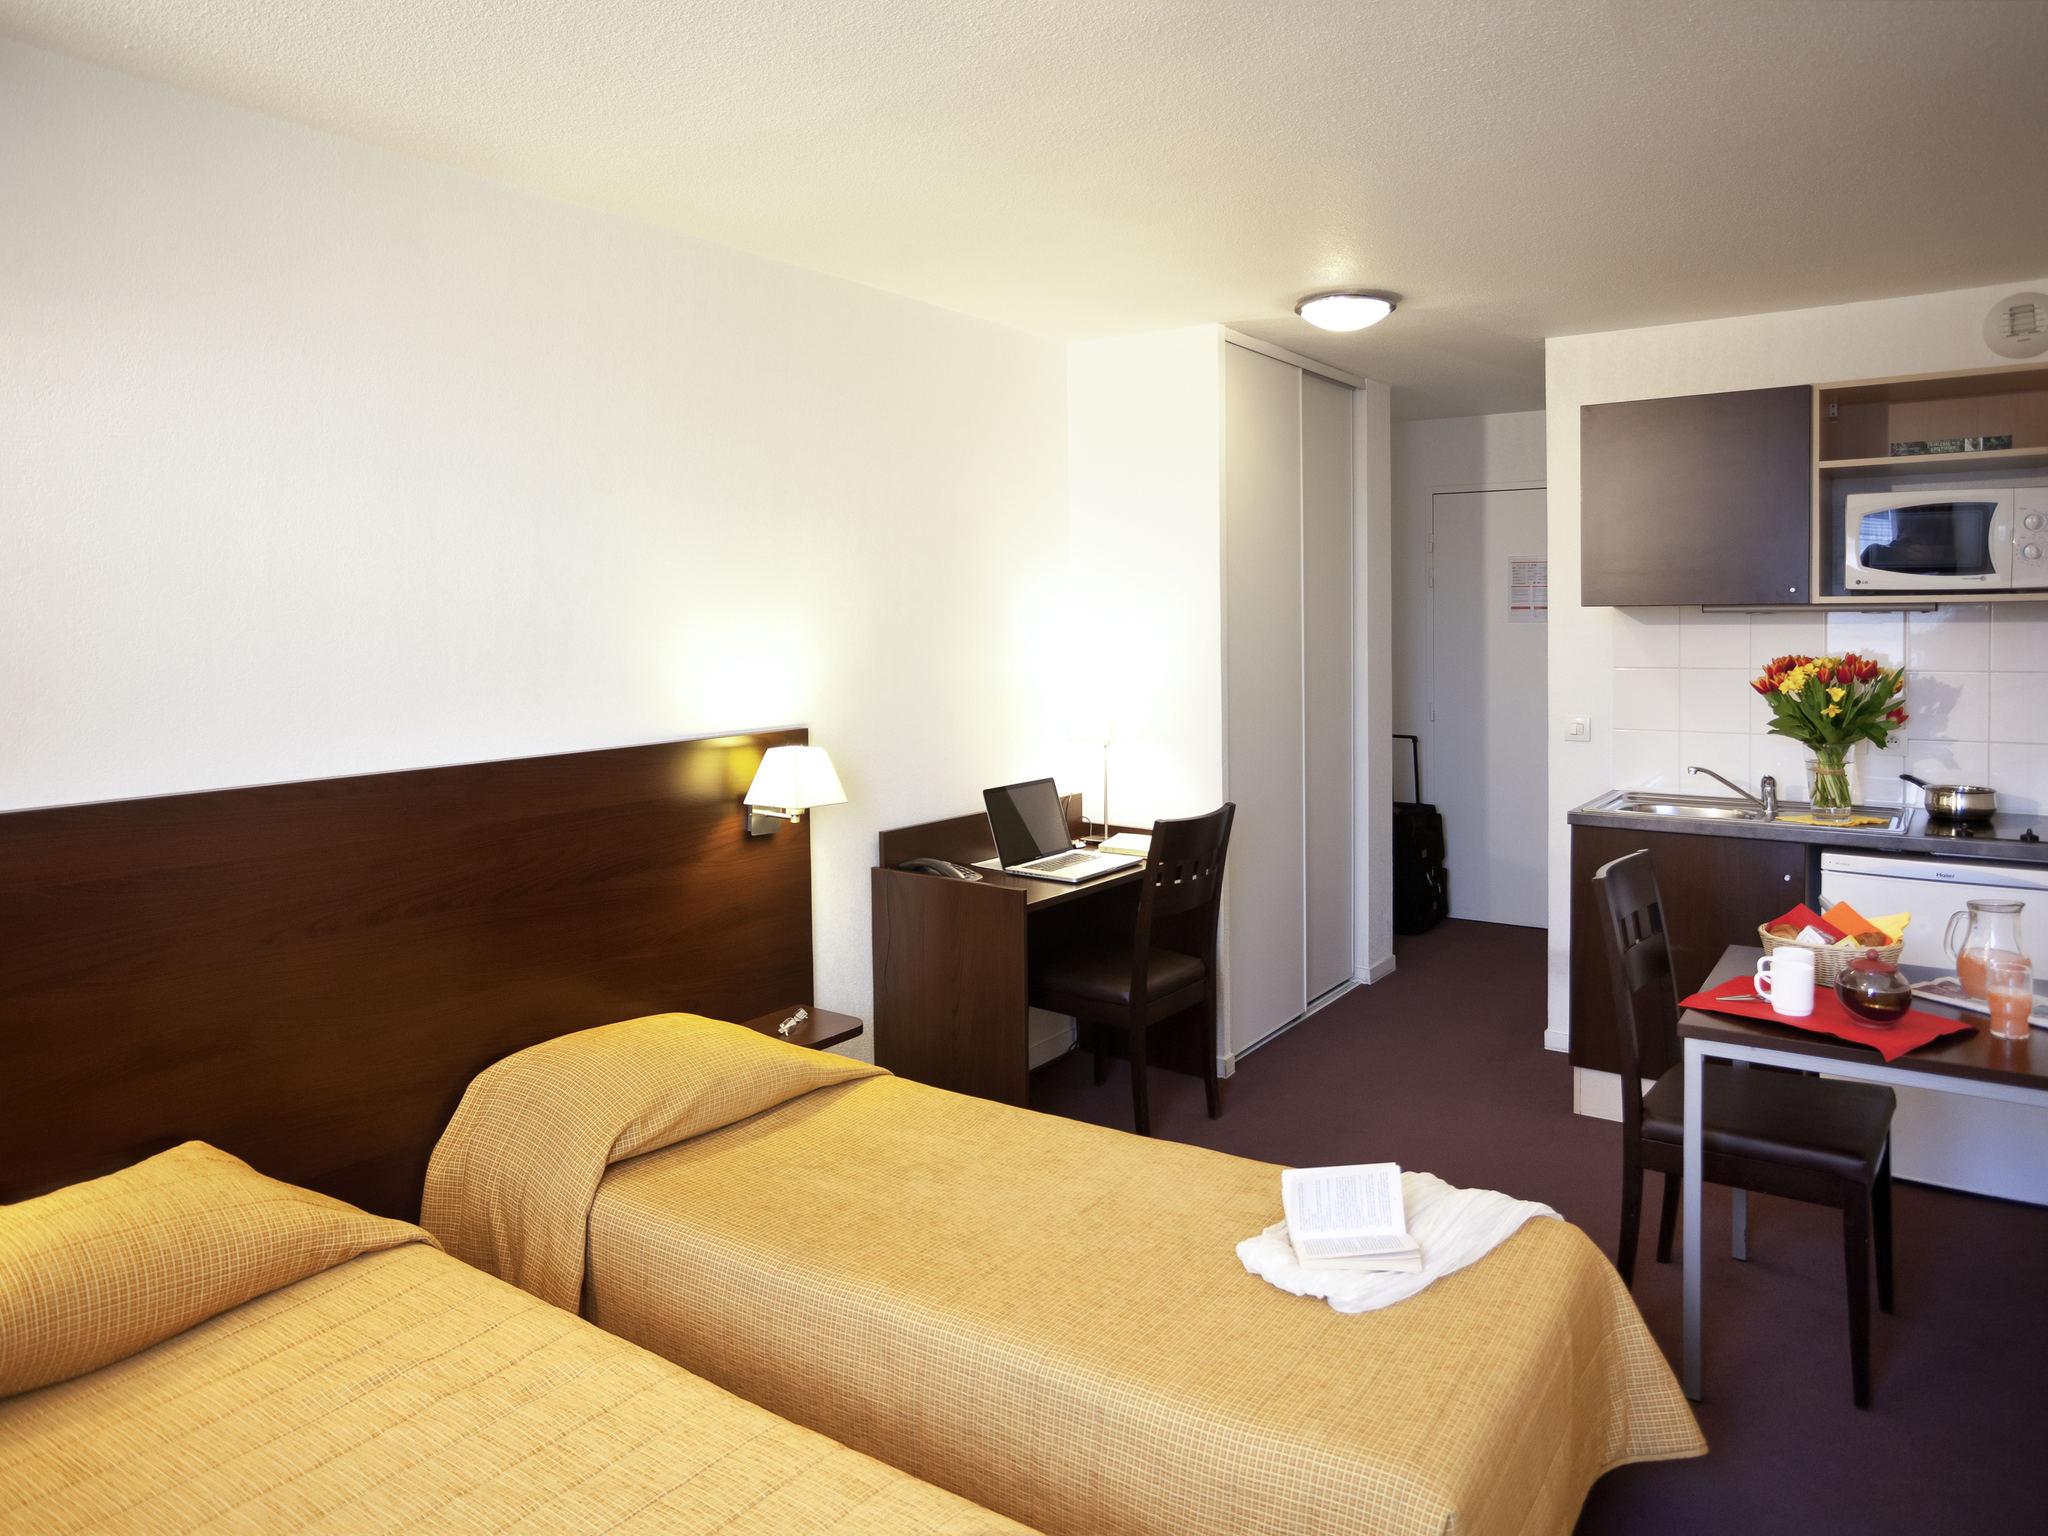 hotel in saint denis aparthotel adagio access paris. Black Bedroom Furniture Sets. Home Design Ideas